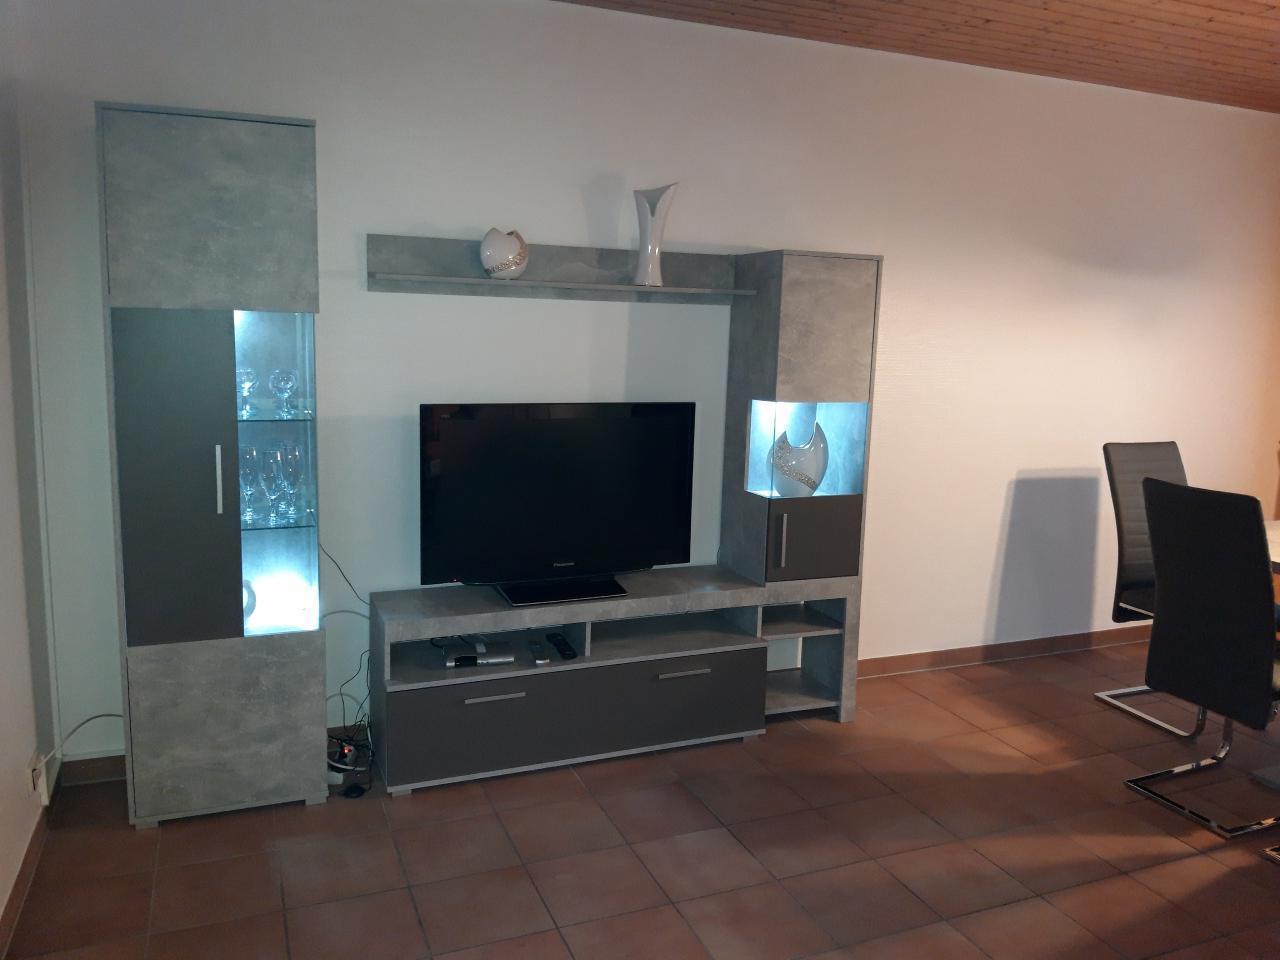 Ferienhaus Bungalow 6 neu renoviert für 4-6 Personen in der Rhön Residence Bungalows (757461), Dipperz, Rhön (Hessen), Hessen, Deutschland, Bild 8